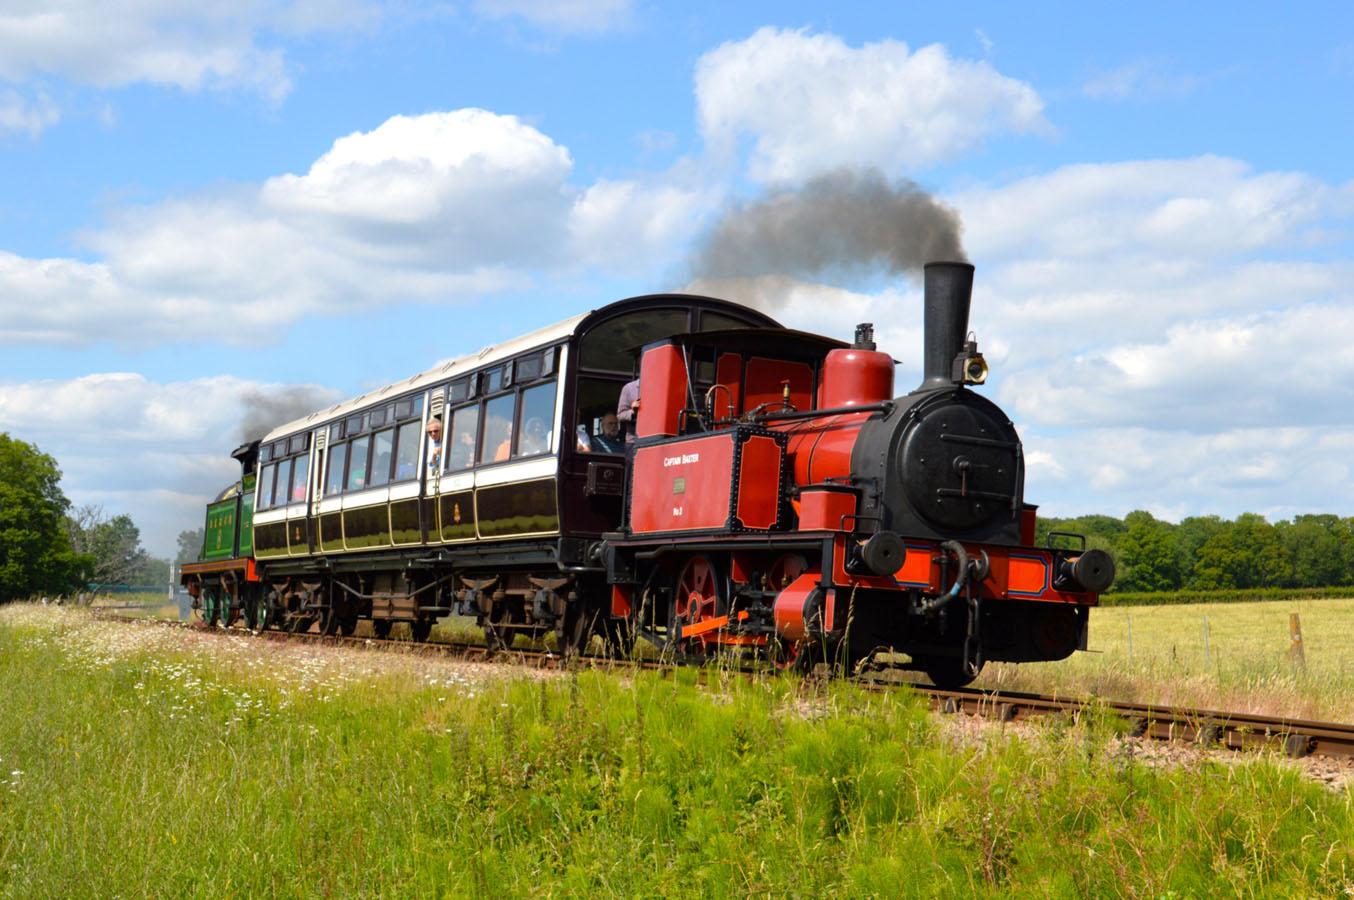 http://www.bluebell-railway.co.uk/bluebell/pic2/wn/2015c/bax_shuttle_stevel0240_27jun15h.jpg